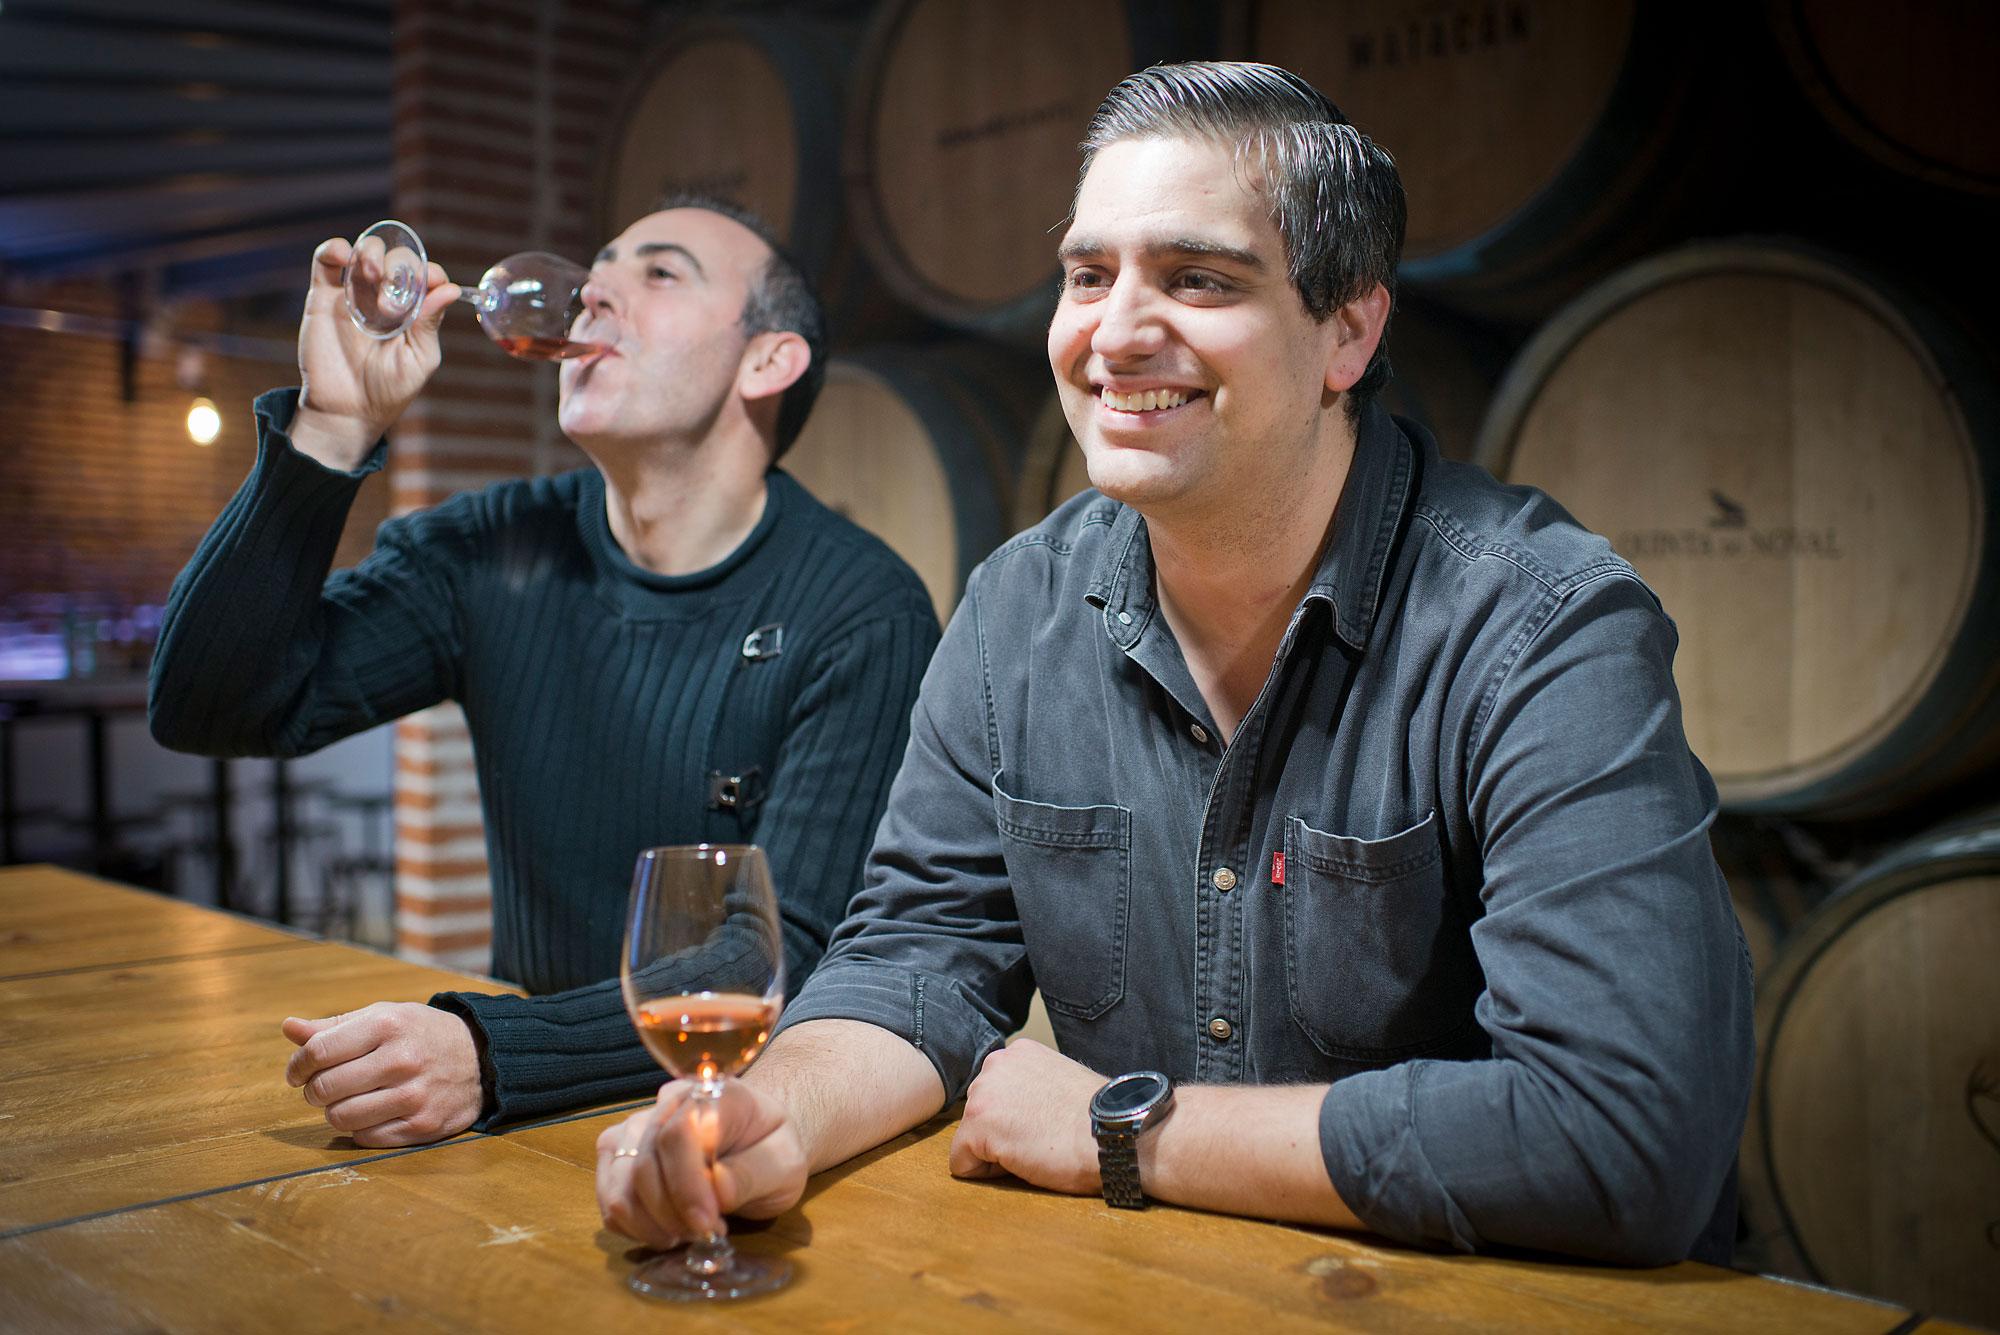 Iván Villanueva y Javier Martín, en la zona de catas del piso de abajo, donde también celebran fiestas privadas.